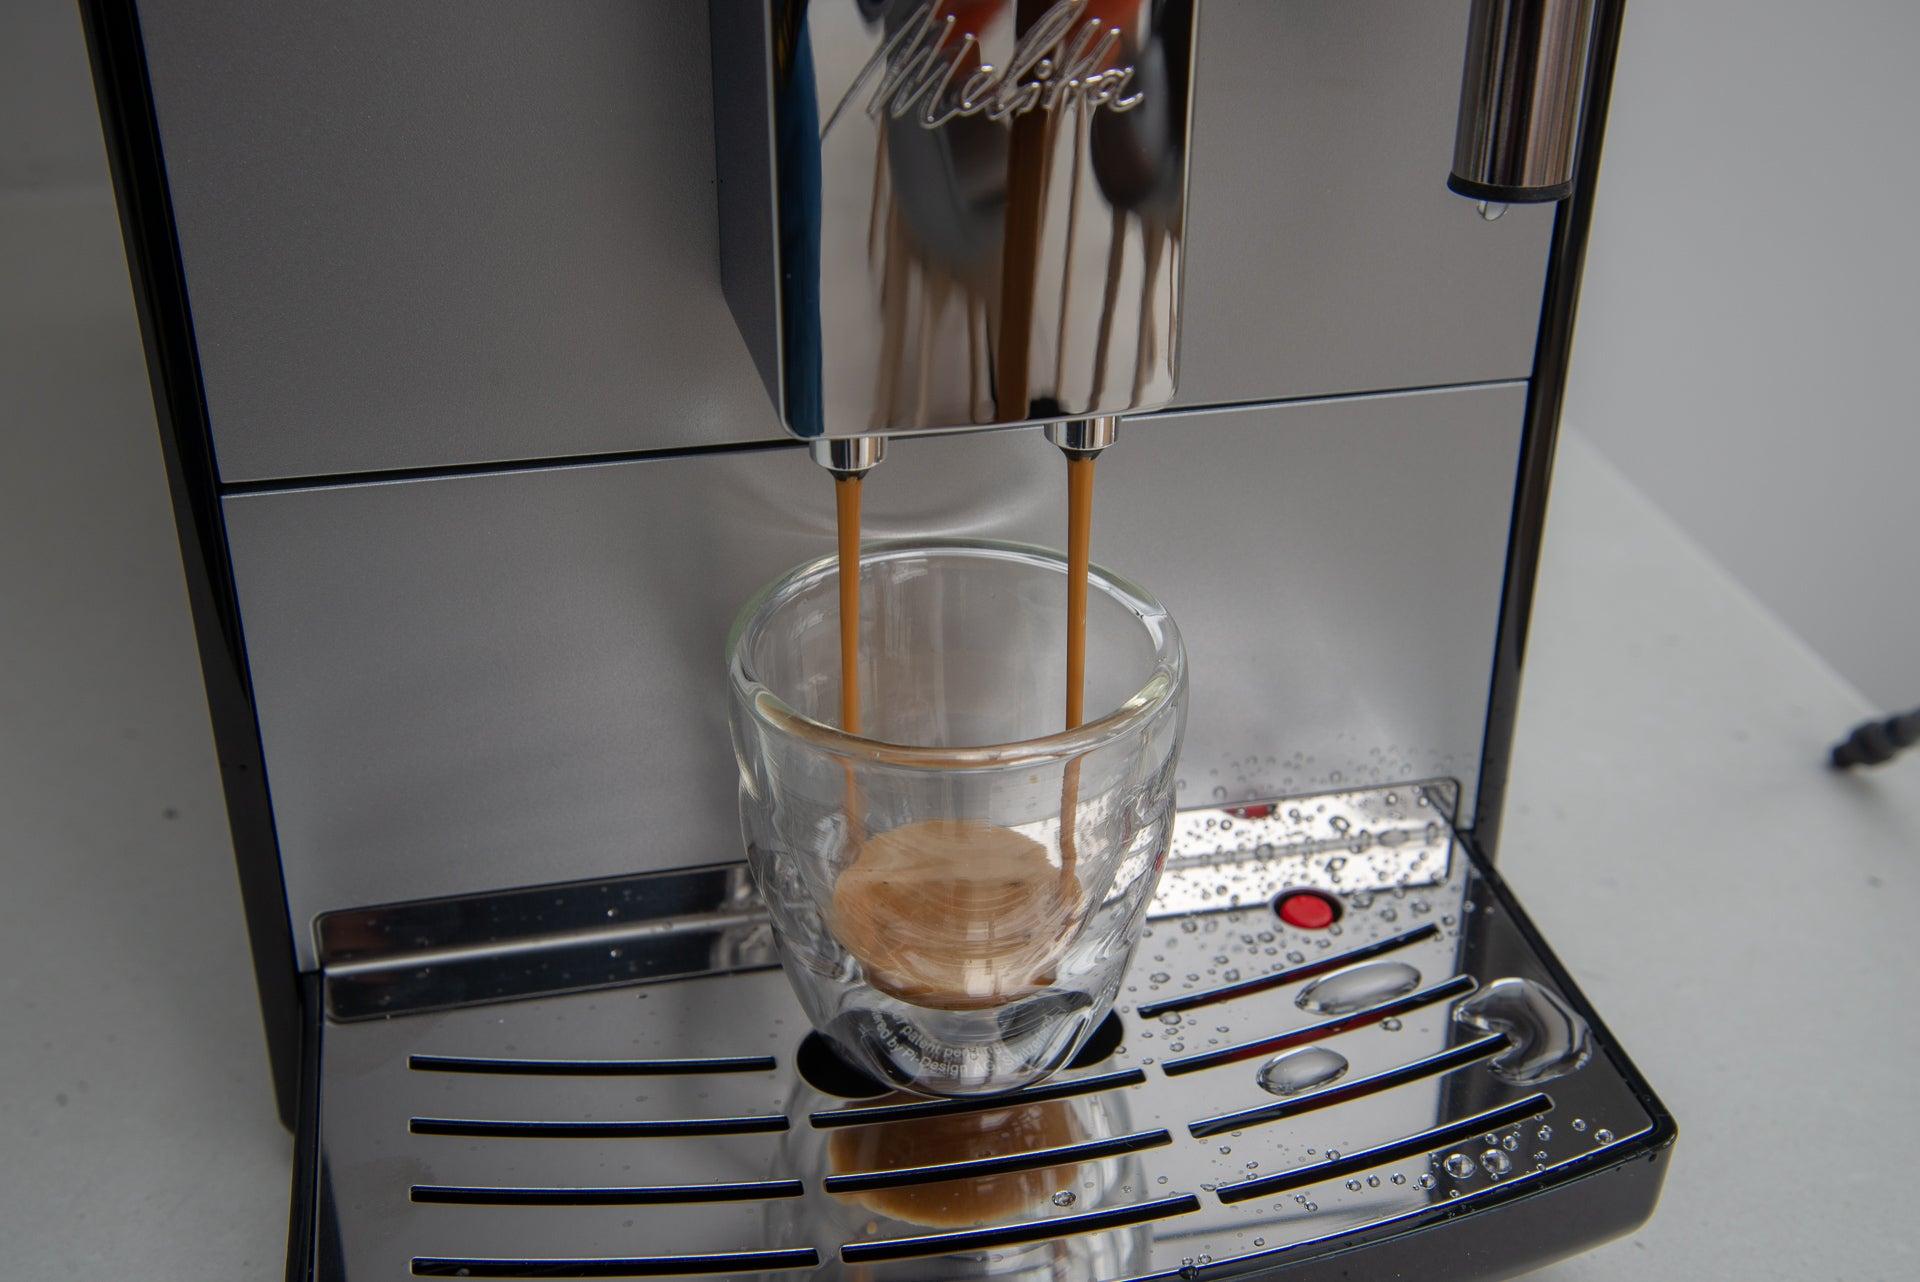 Melitta Caffeo Solo & Perfect Milk pouring espresso